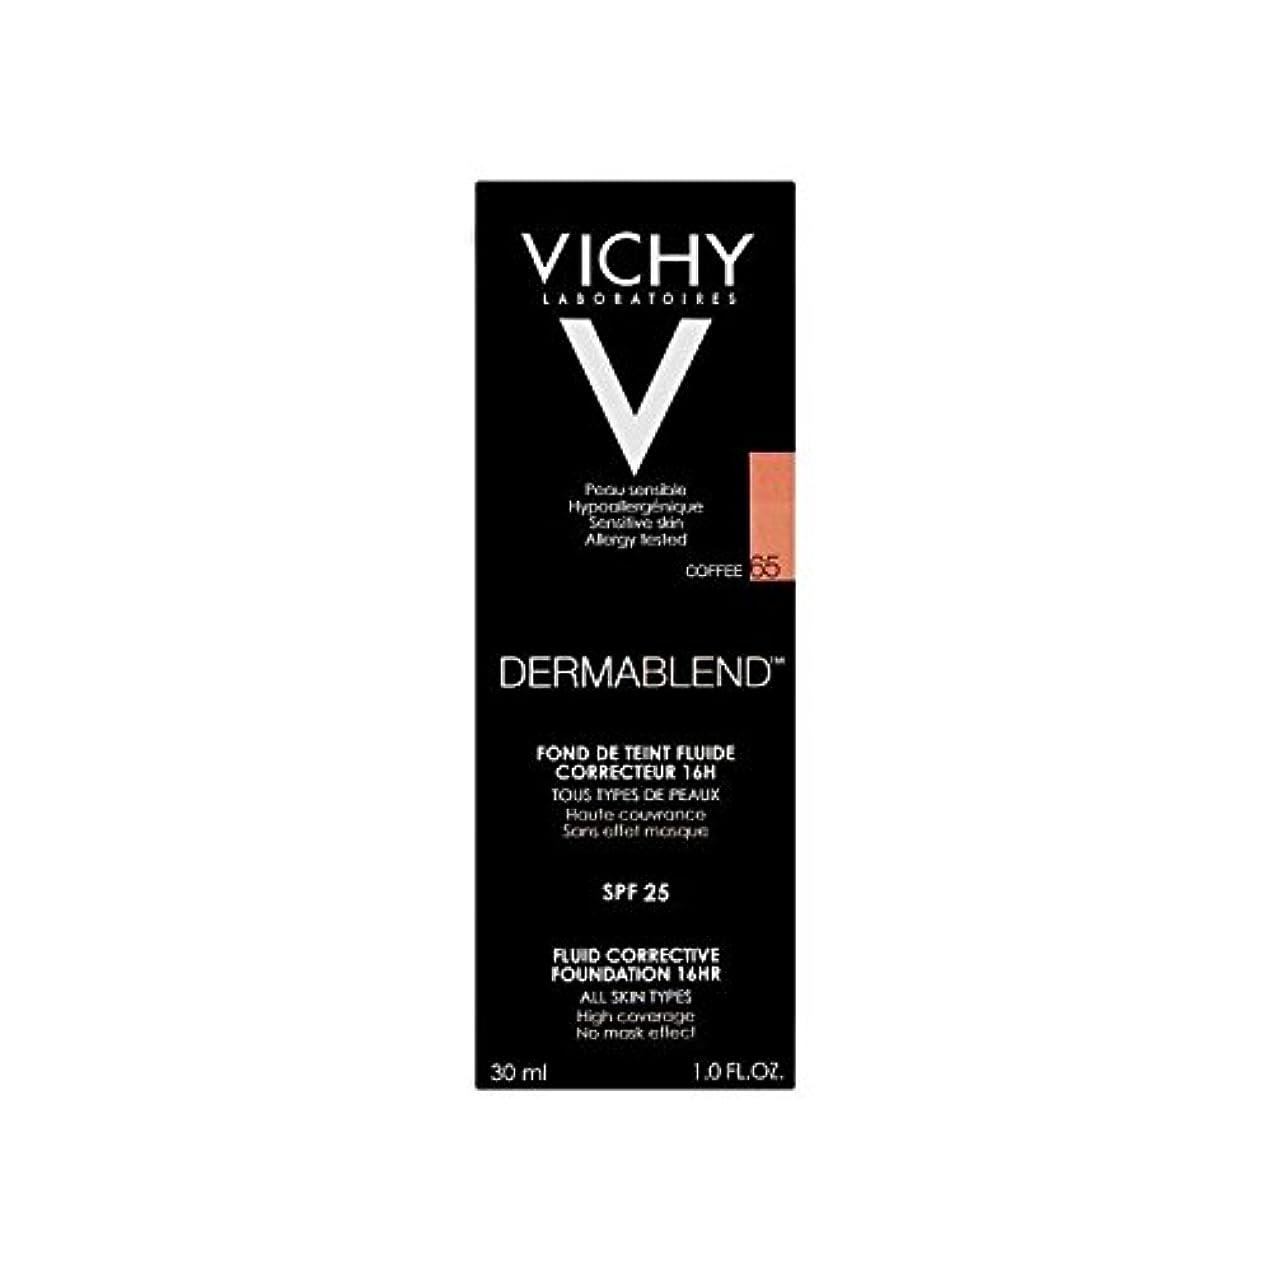 メタルラインサーカス叫び声ヴィシー是正流体の基礎30ミリリットルのコーヒー65 x4 - Vichy Dermablend Corrective Fluid Foundation 30ml Coffee 65 (Pack of 4) [並行輸入品]